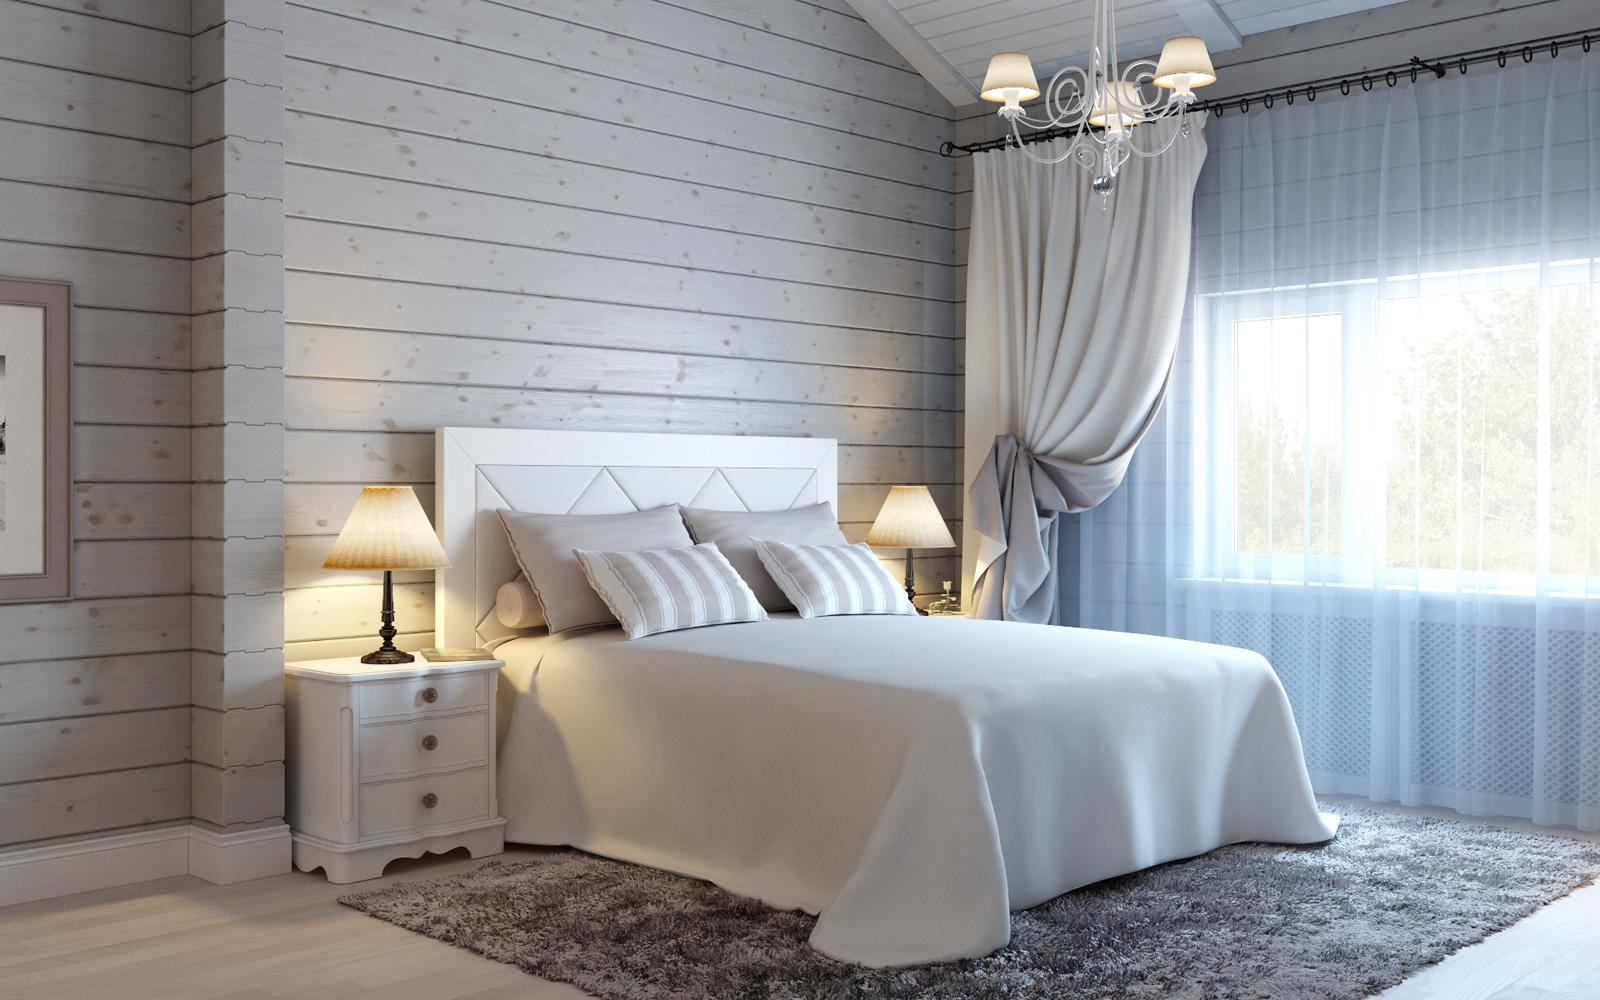 Дизайн спальни загородного дома в светлых тонах